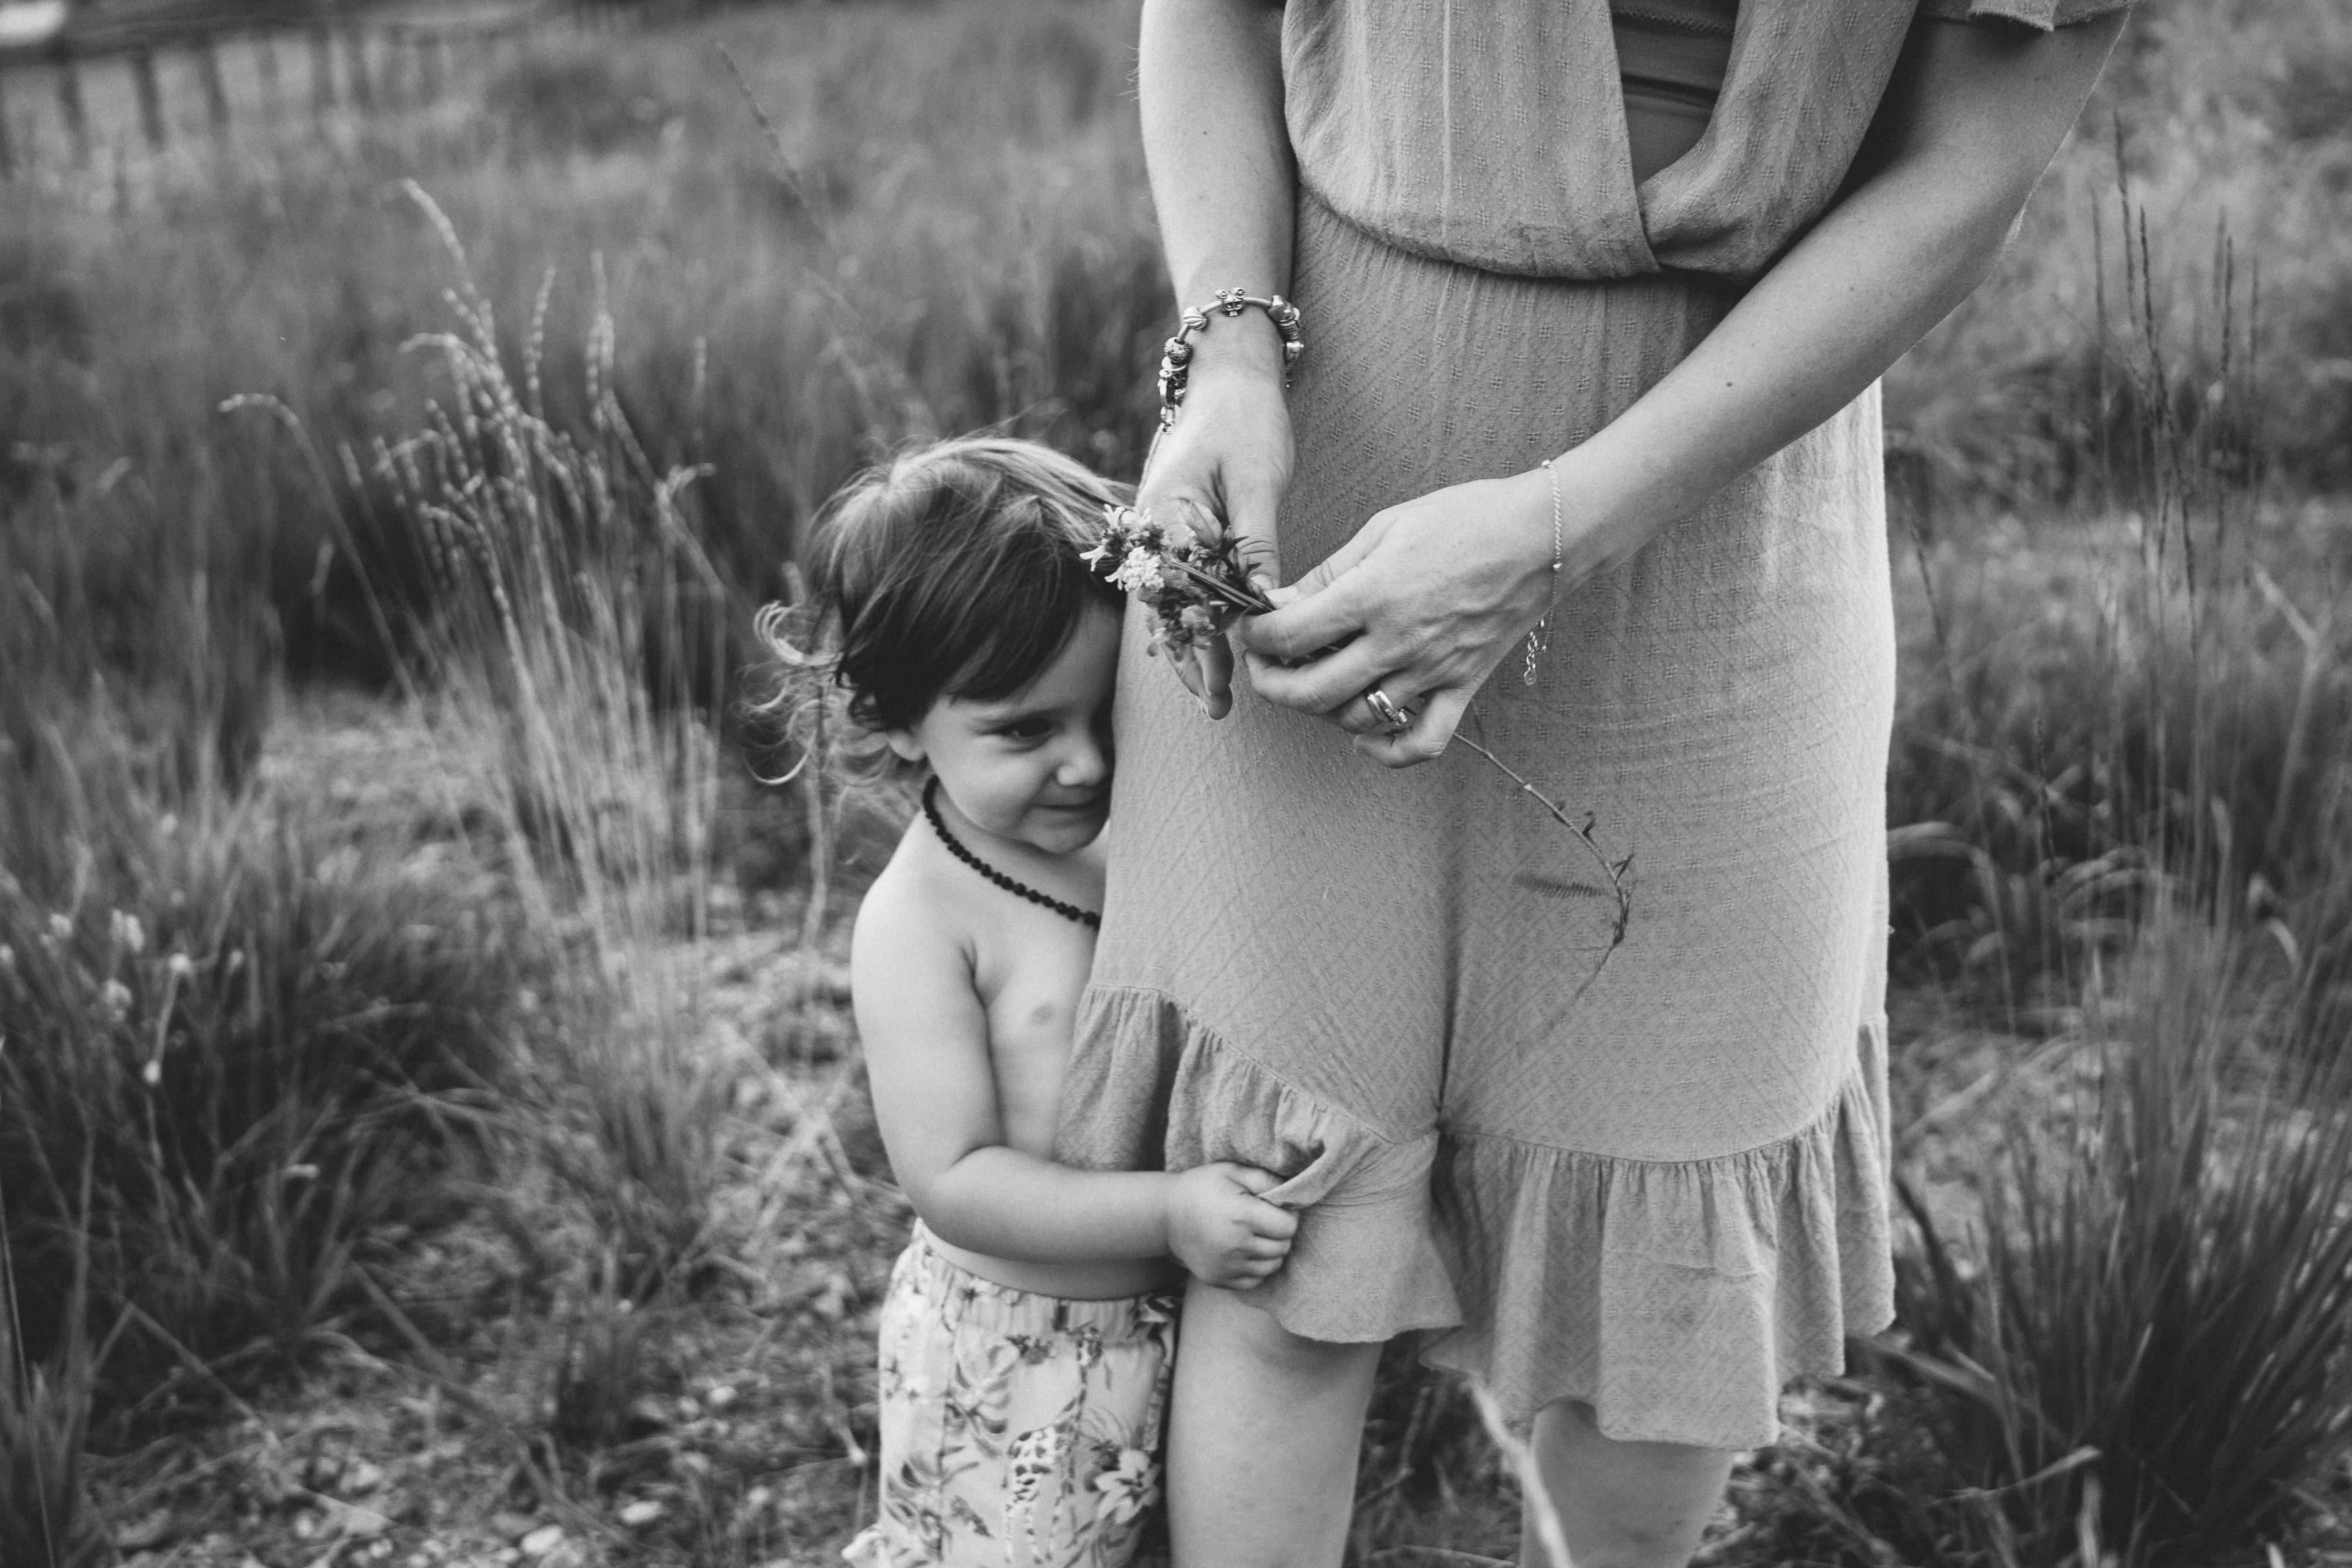 bimba abbraccia gambe della mamma che tiene fiori.